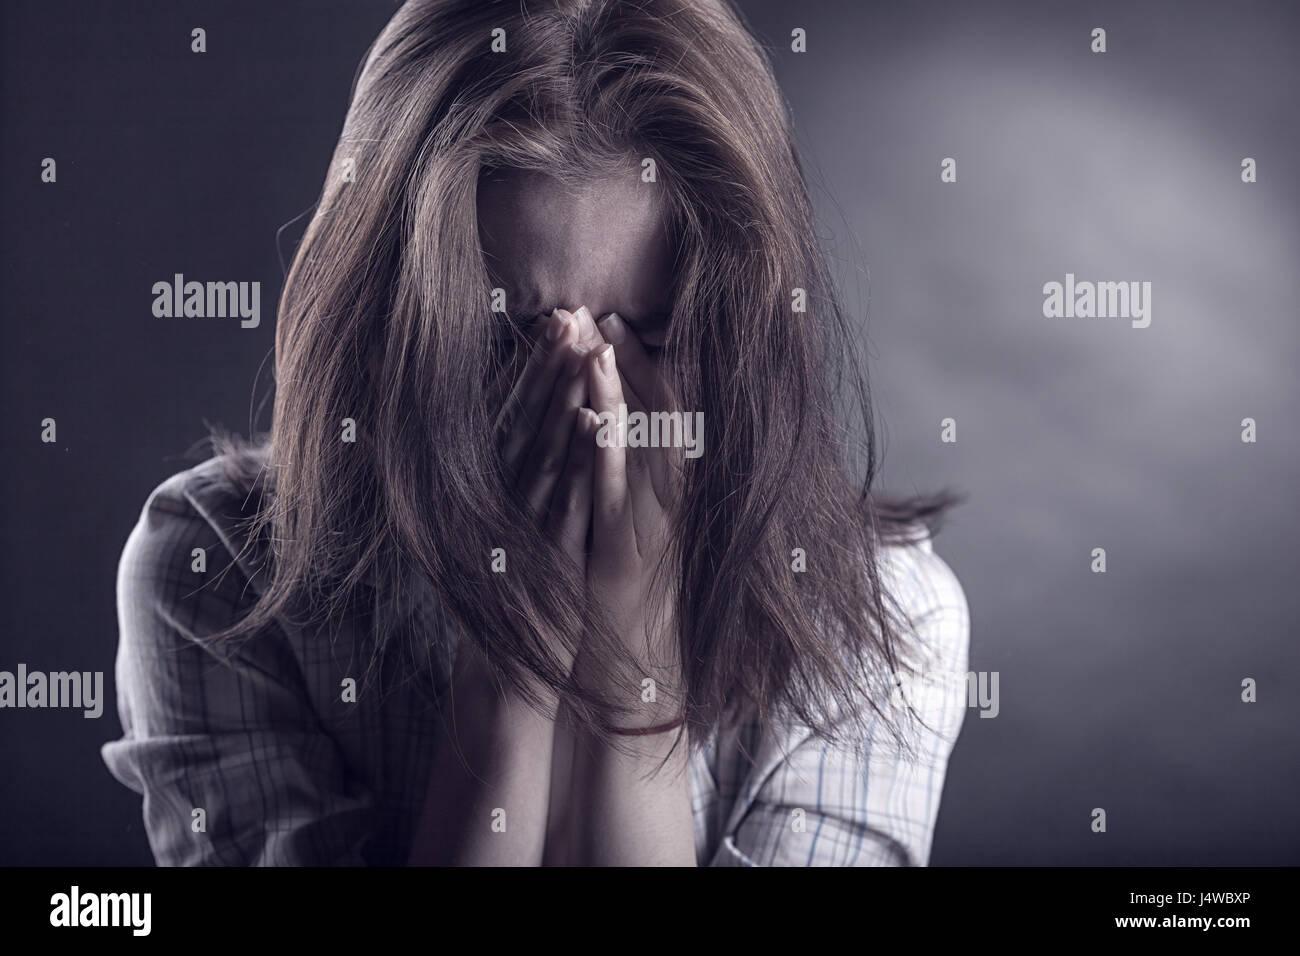 Mujer joven llorando enfrentan en sus manos sobre un fondo oscuro Imagen De Stock